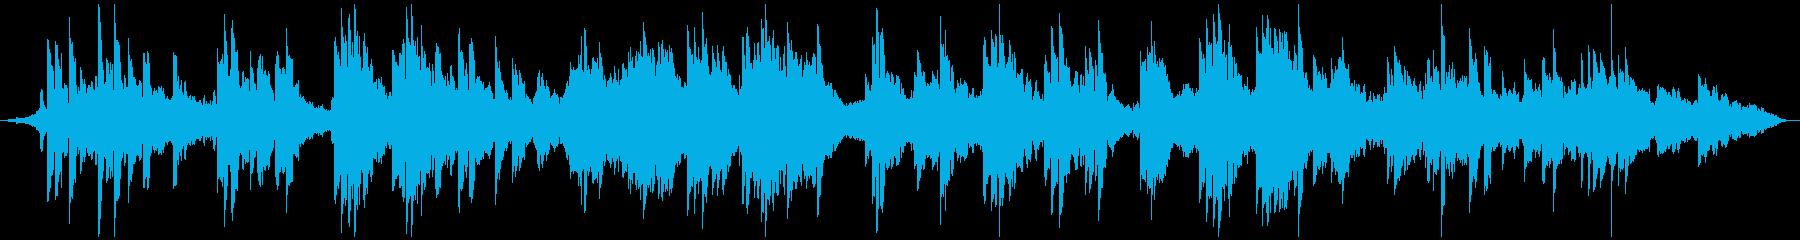 サラサラ ジャズ 民謡 コーポレー...の再生済みの波形